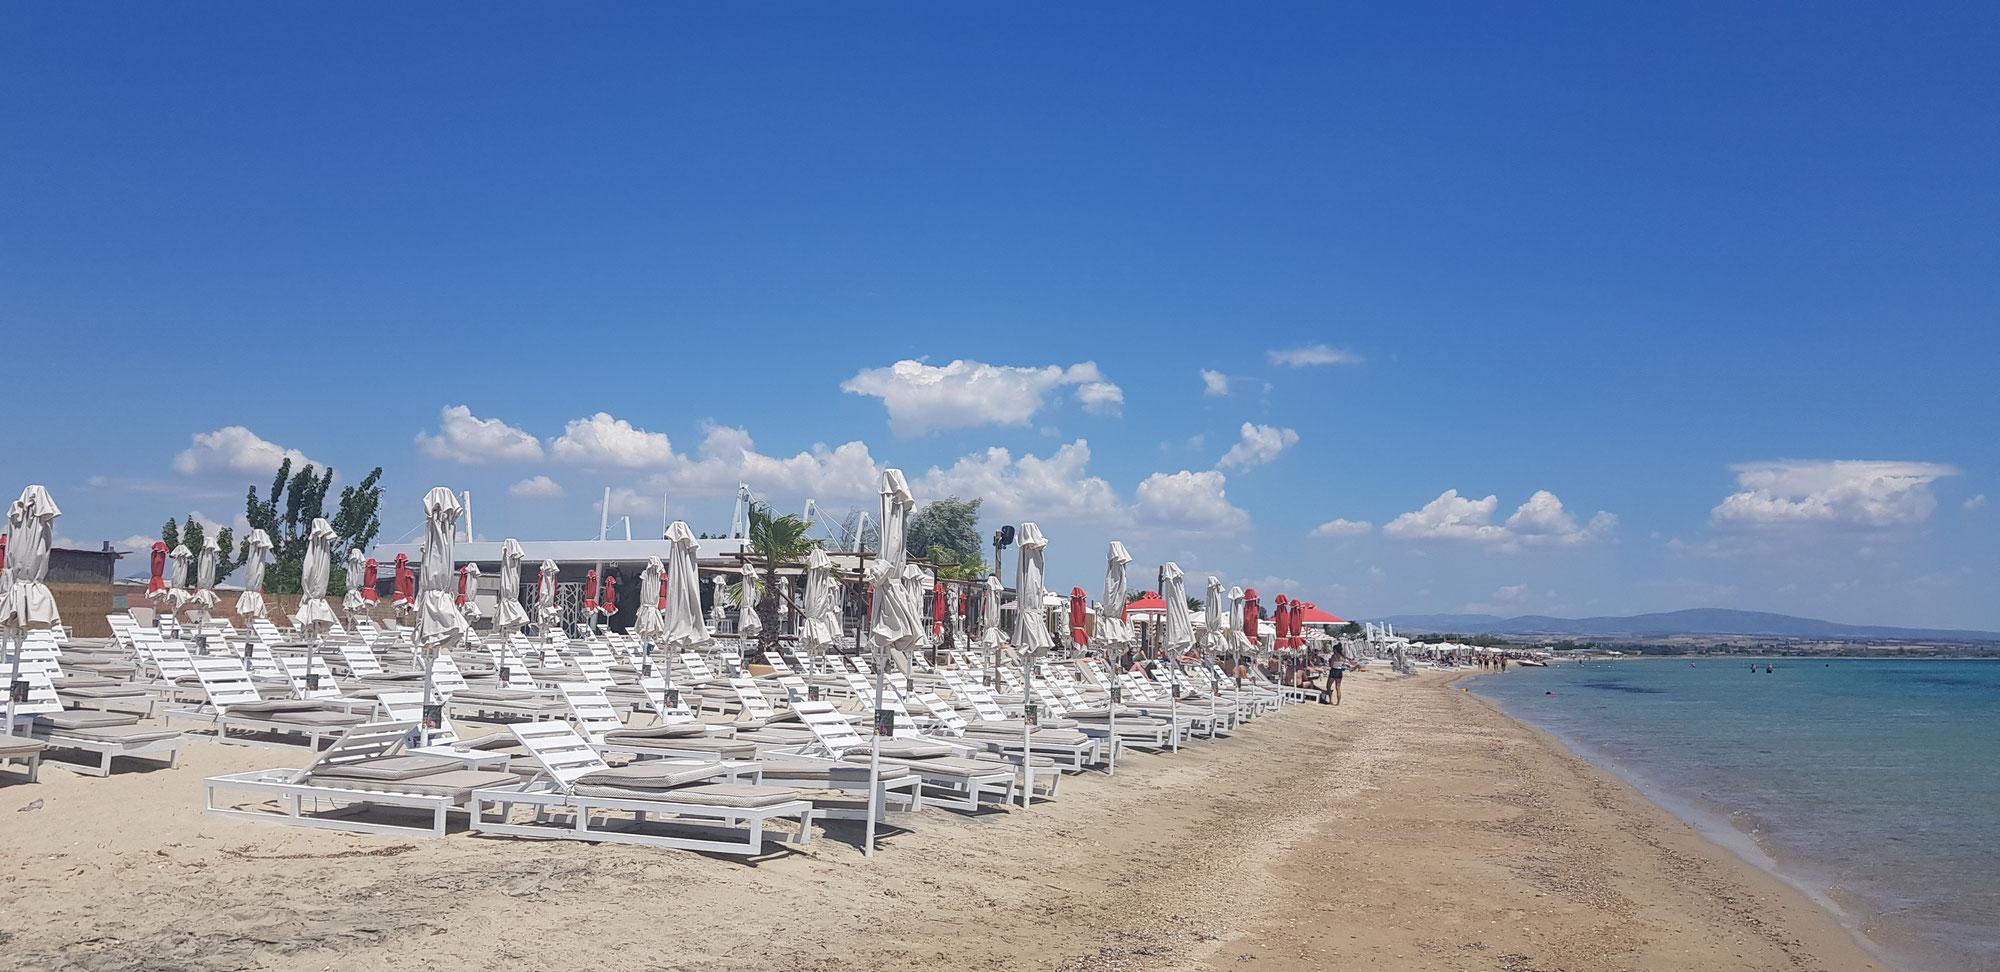 Juni in Thessaloniki - Ab in den Ofen